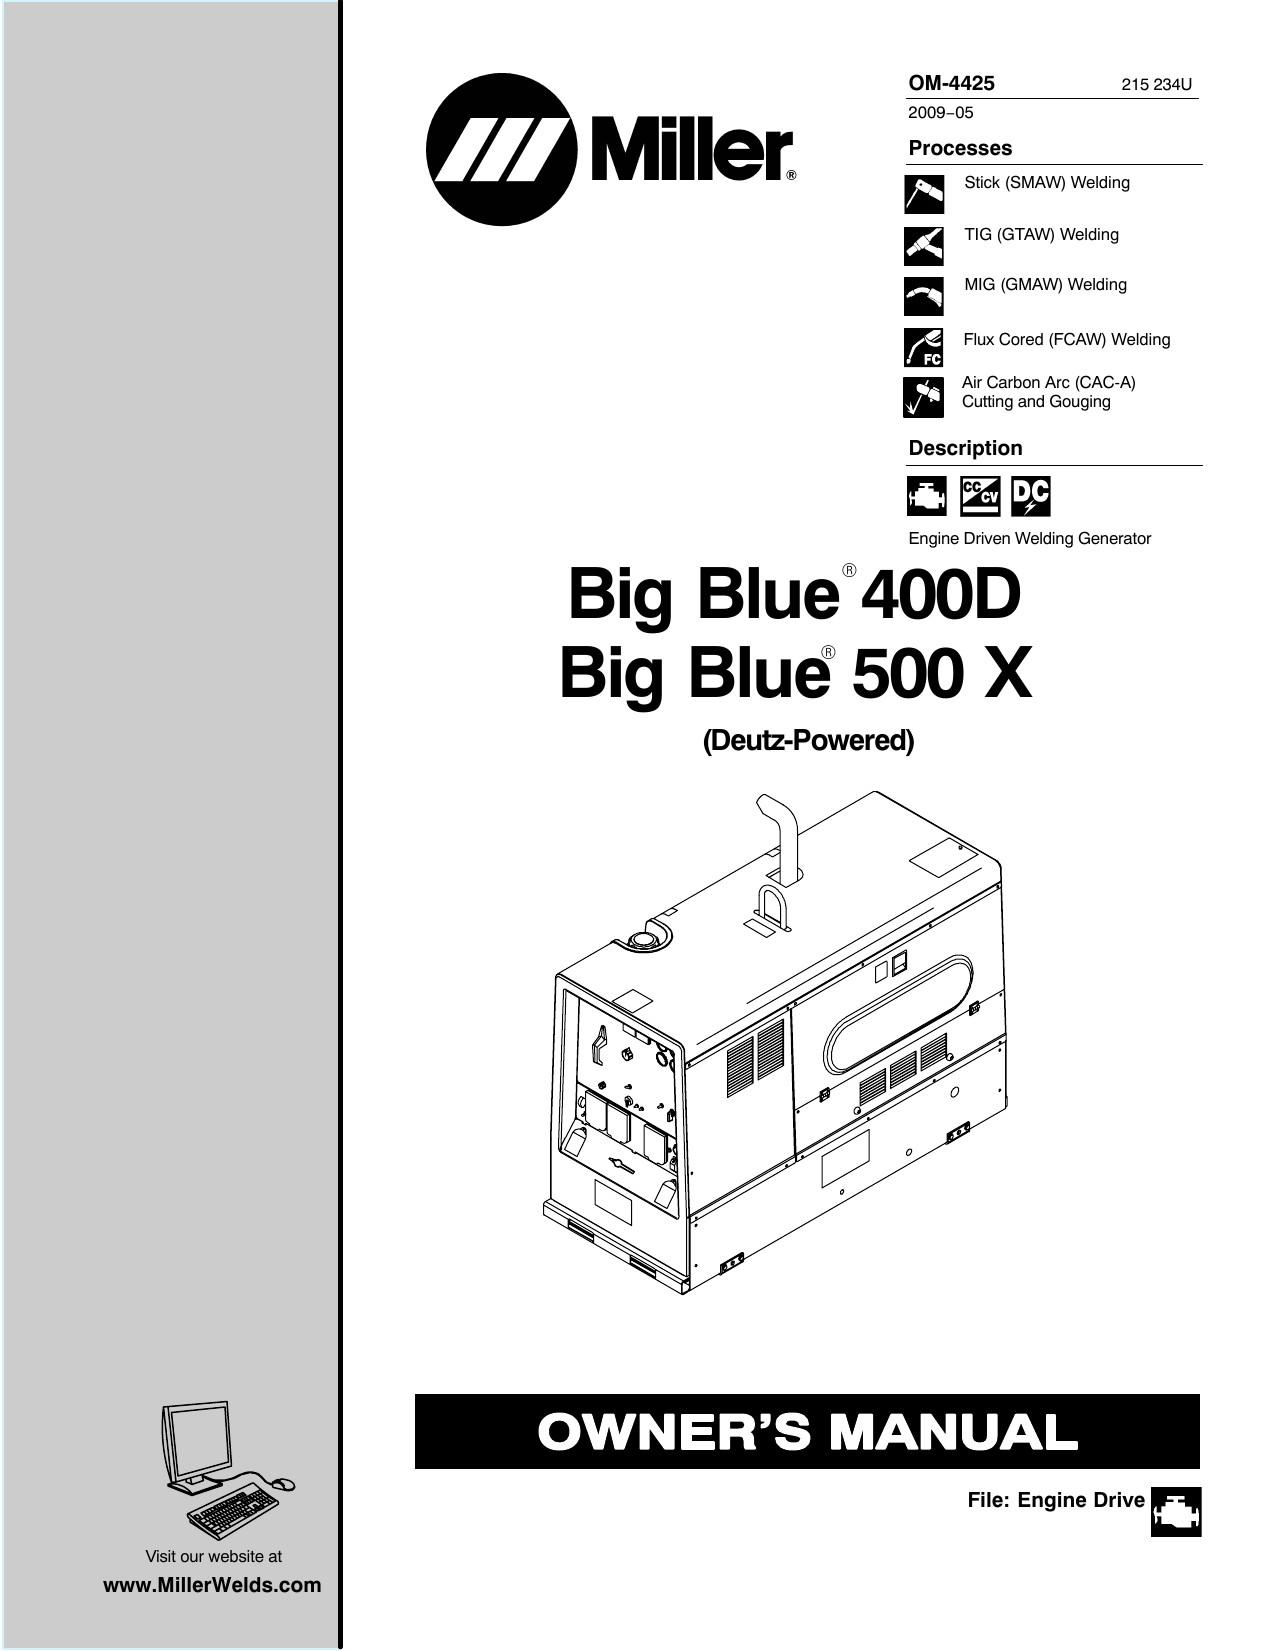 deutz engine parts diagram big blue 400d big blue 500 x of deutz engine  parts diagram